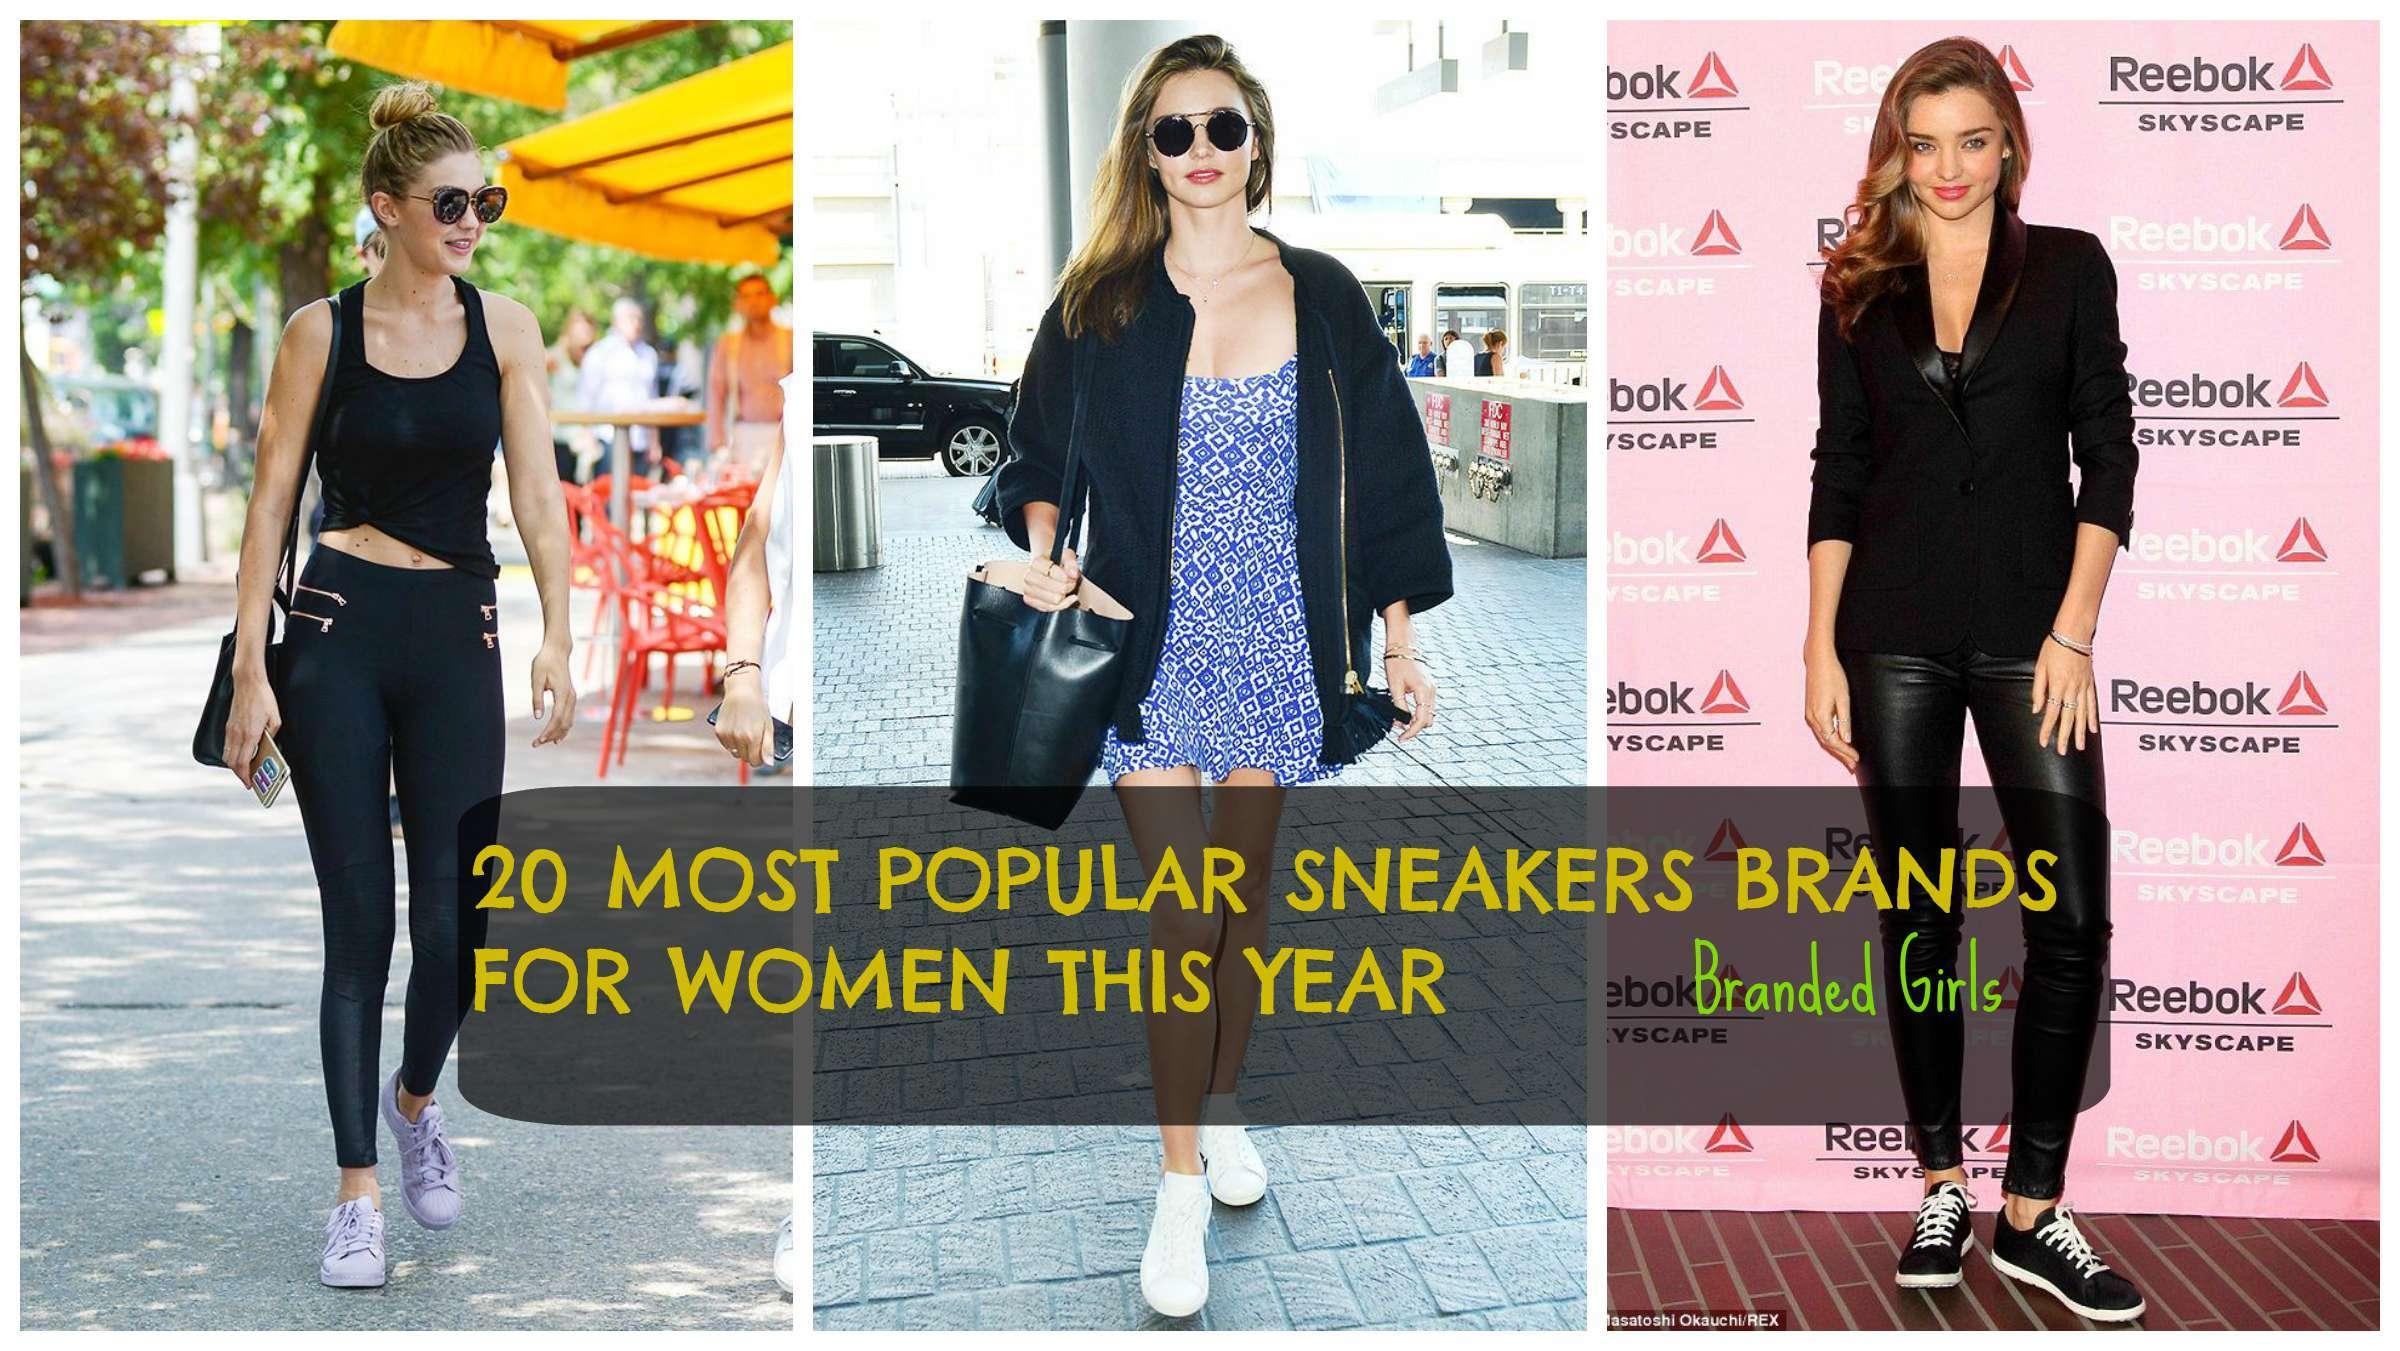 top sneakers brands for women